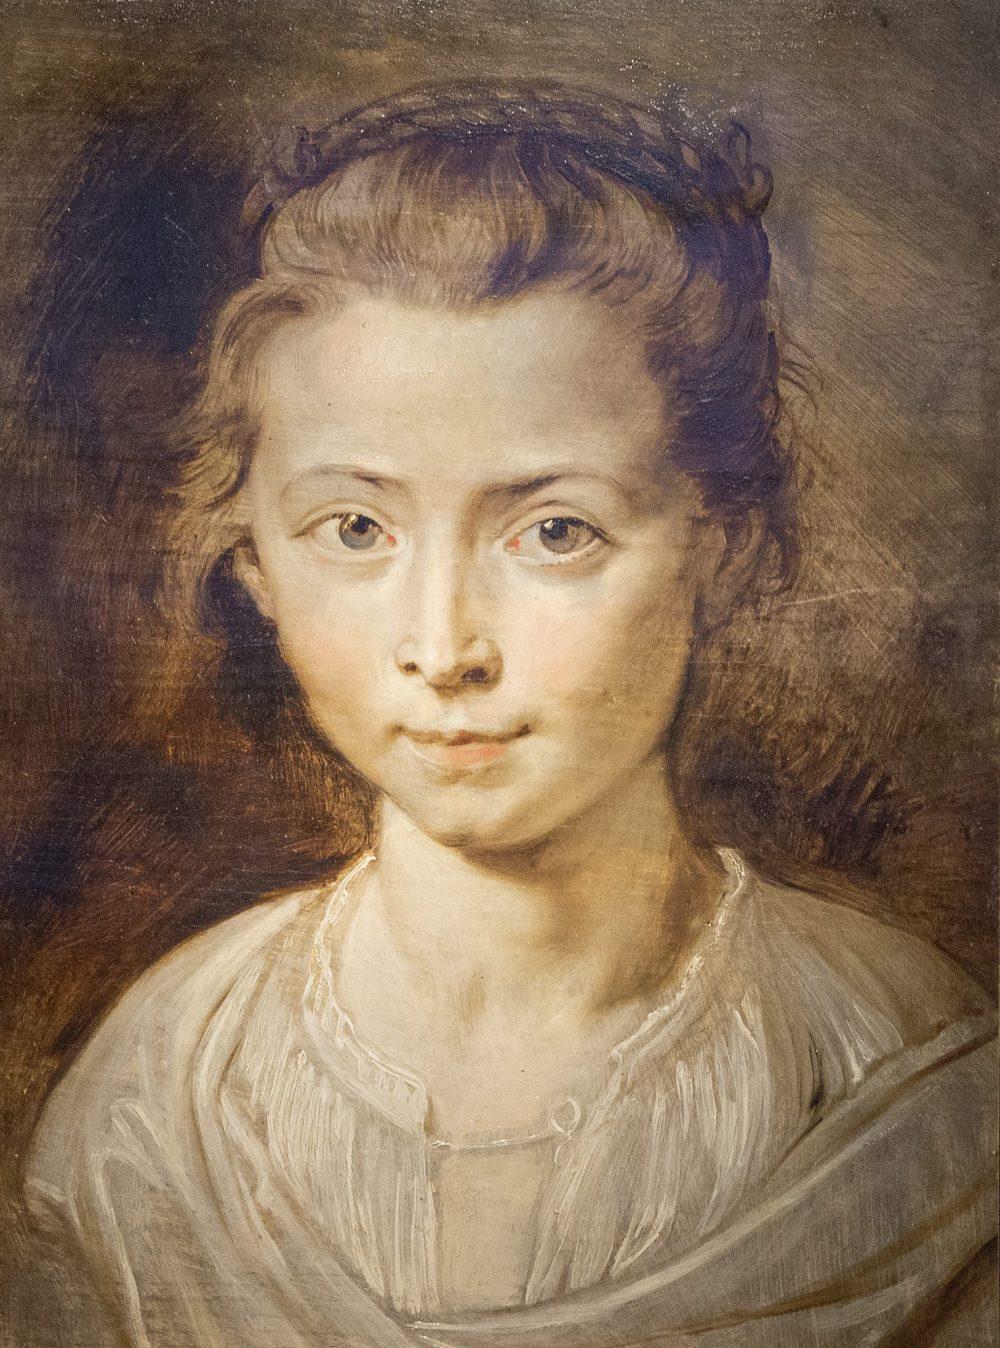 Peter Paul Rubens. Retrato de su hija Clara Serena Rubens. Colección particular.